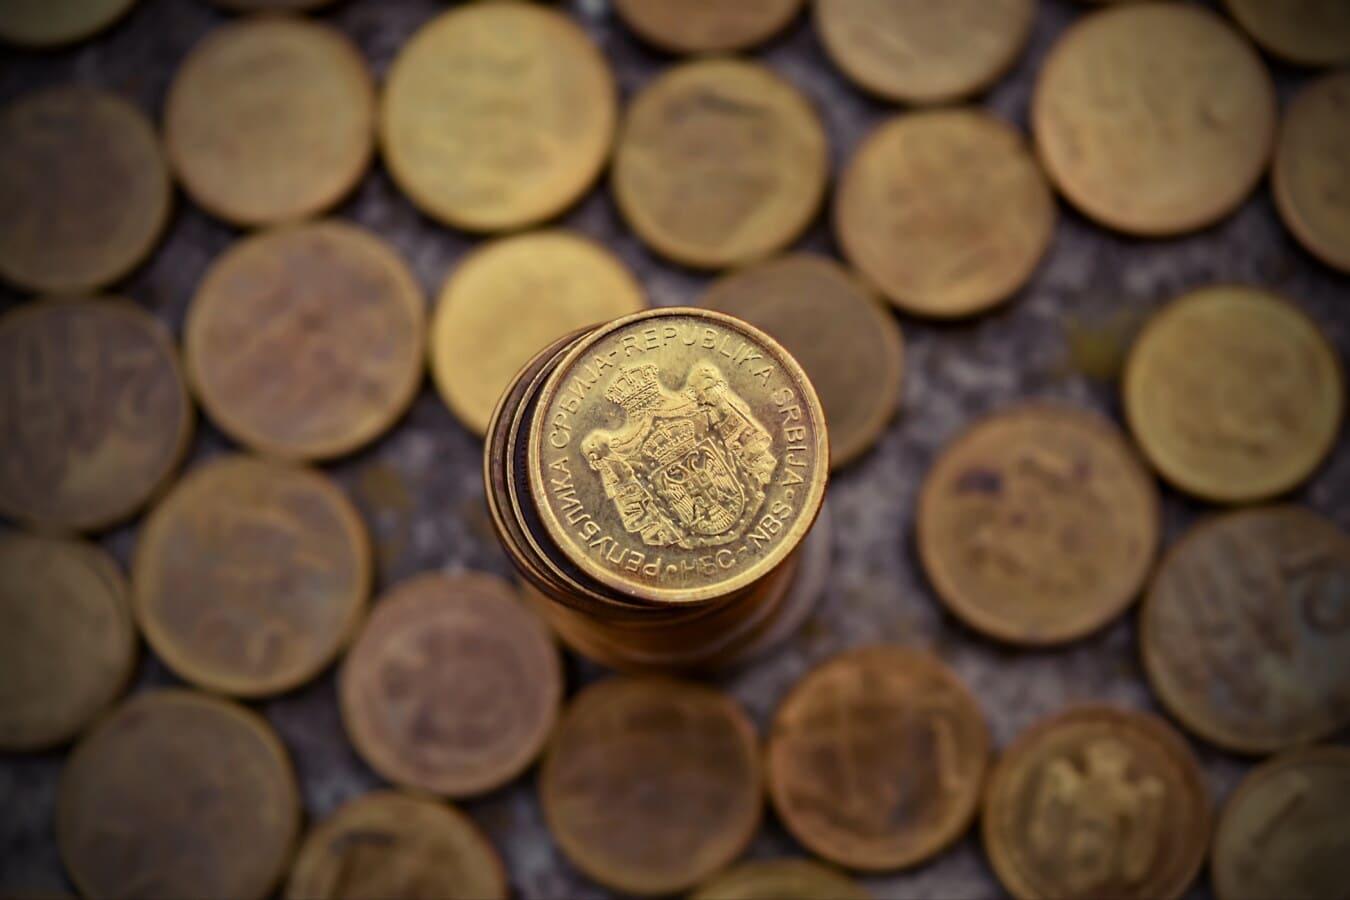 Bargeld, Metall, Münzen, Fortune, Geld, Austausch, reiche, goldener Glanz, Investition, Stapel